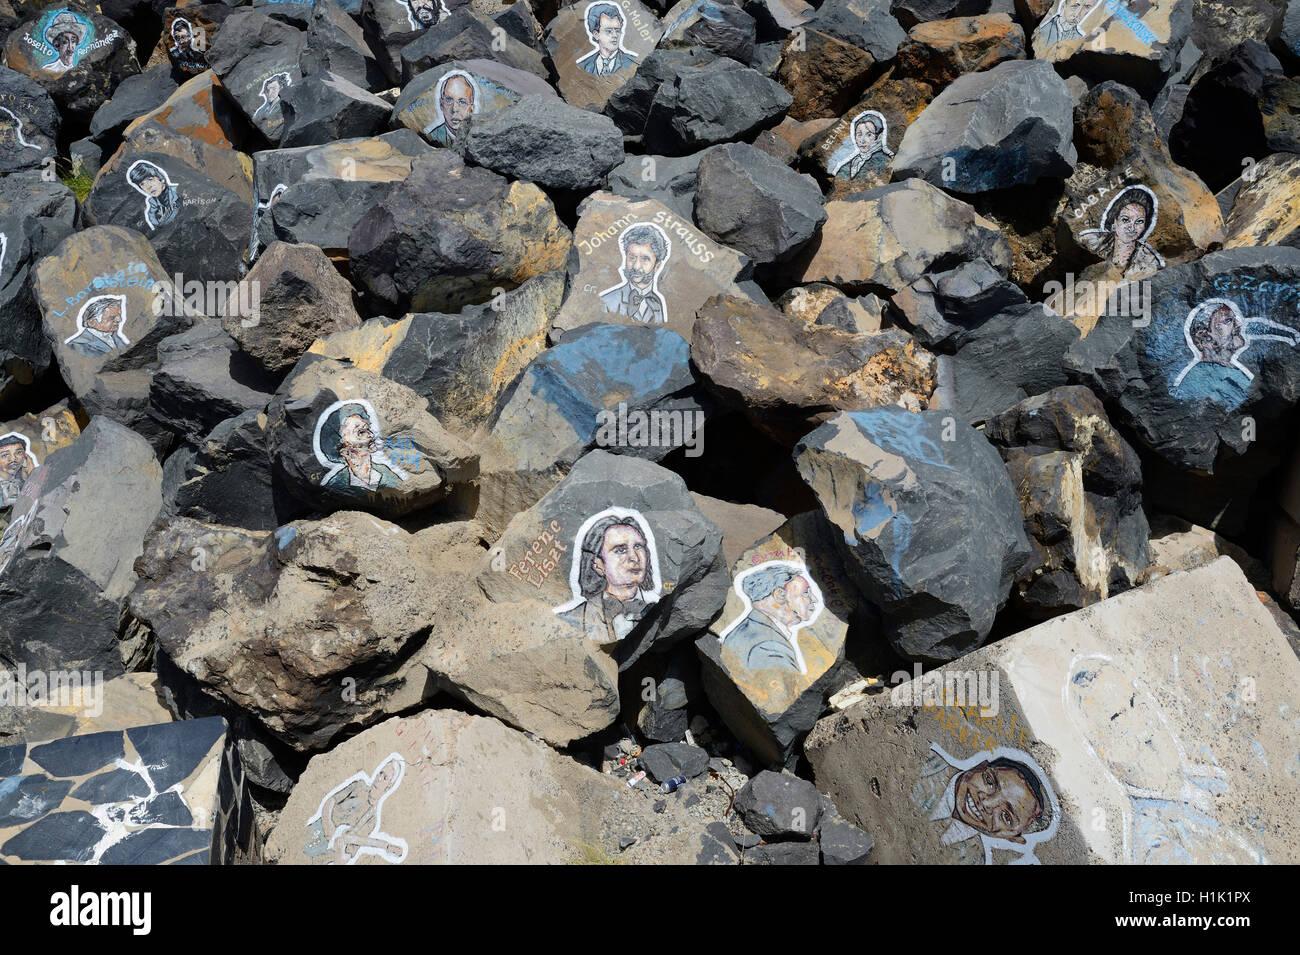 Bilder von beruehmten Musikern, auf Steine gemalt, am Auditorio de Tenerife, Santa Cruz de Tenerife, Canarias, Spanien - Stock Image